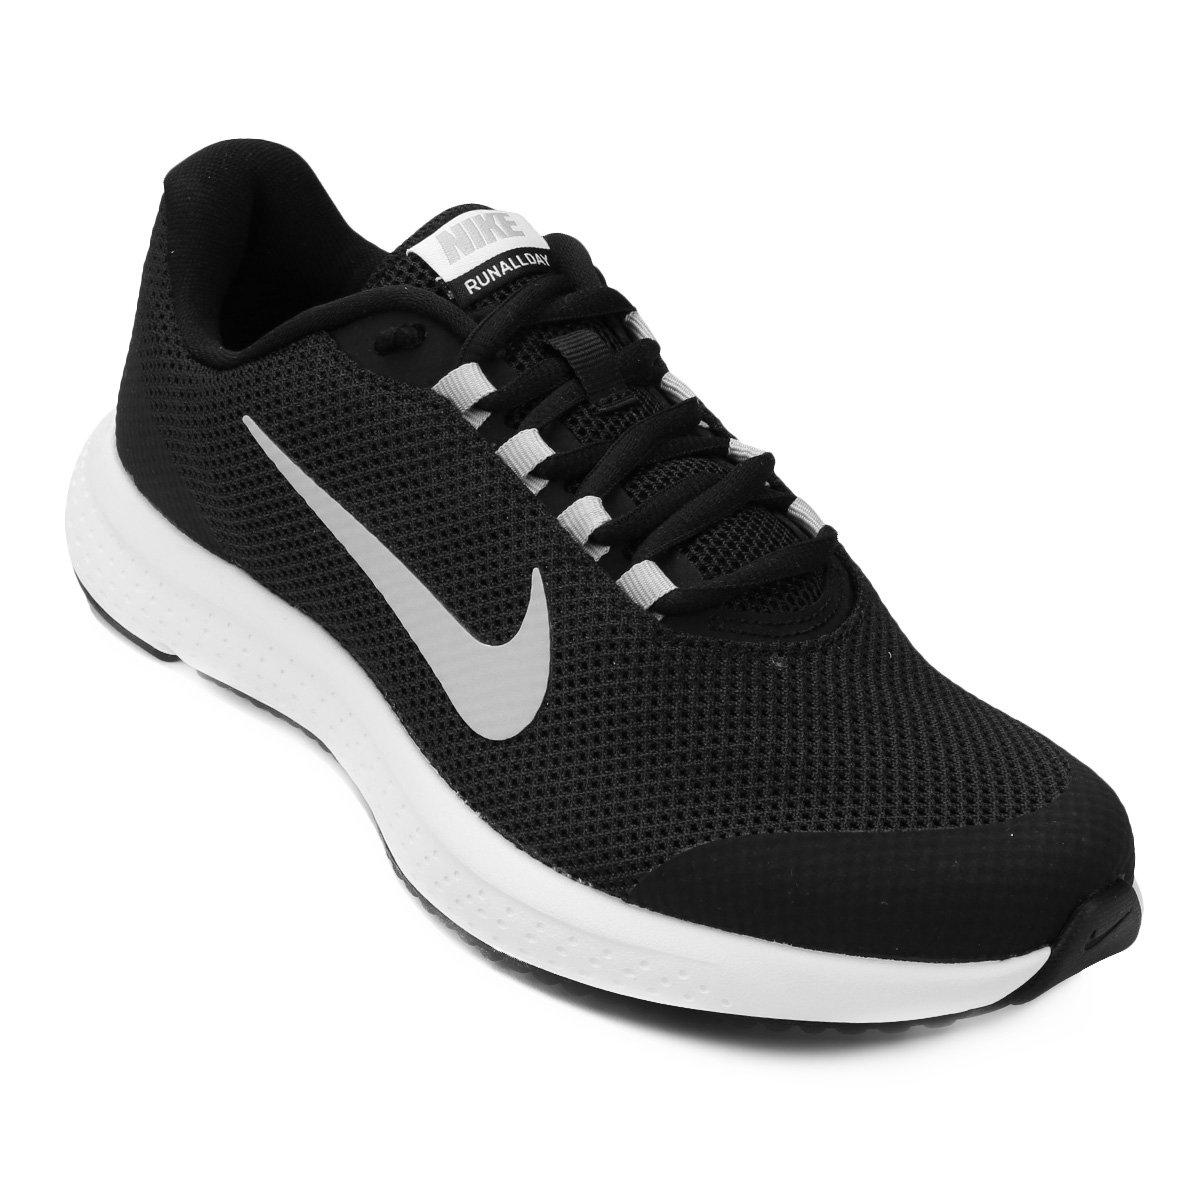 e42f514a60793 Tênis Nike Runallday Feminino - Preto e Branco - Compre Agora